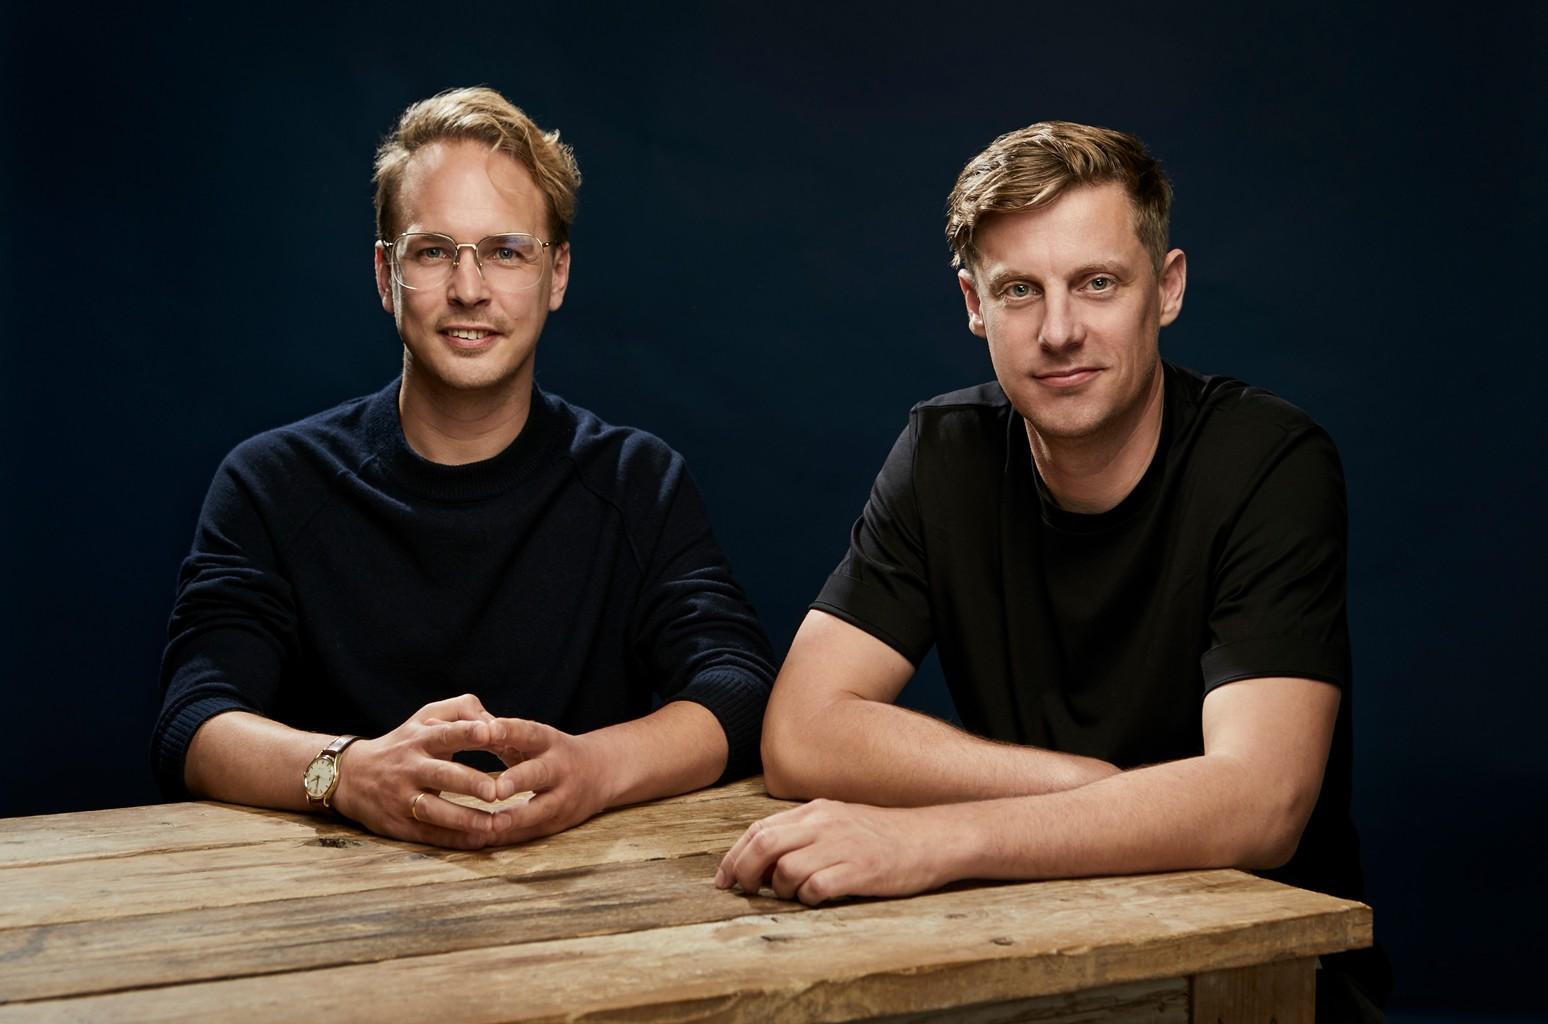 Meindert Kennis and Jan-Willem